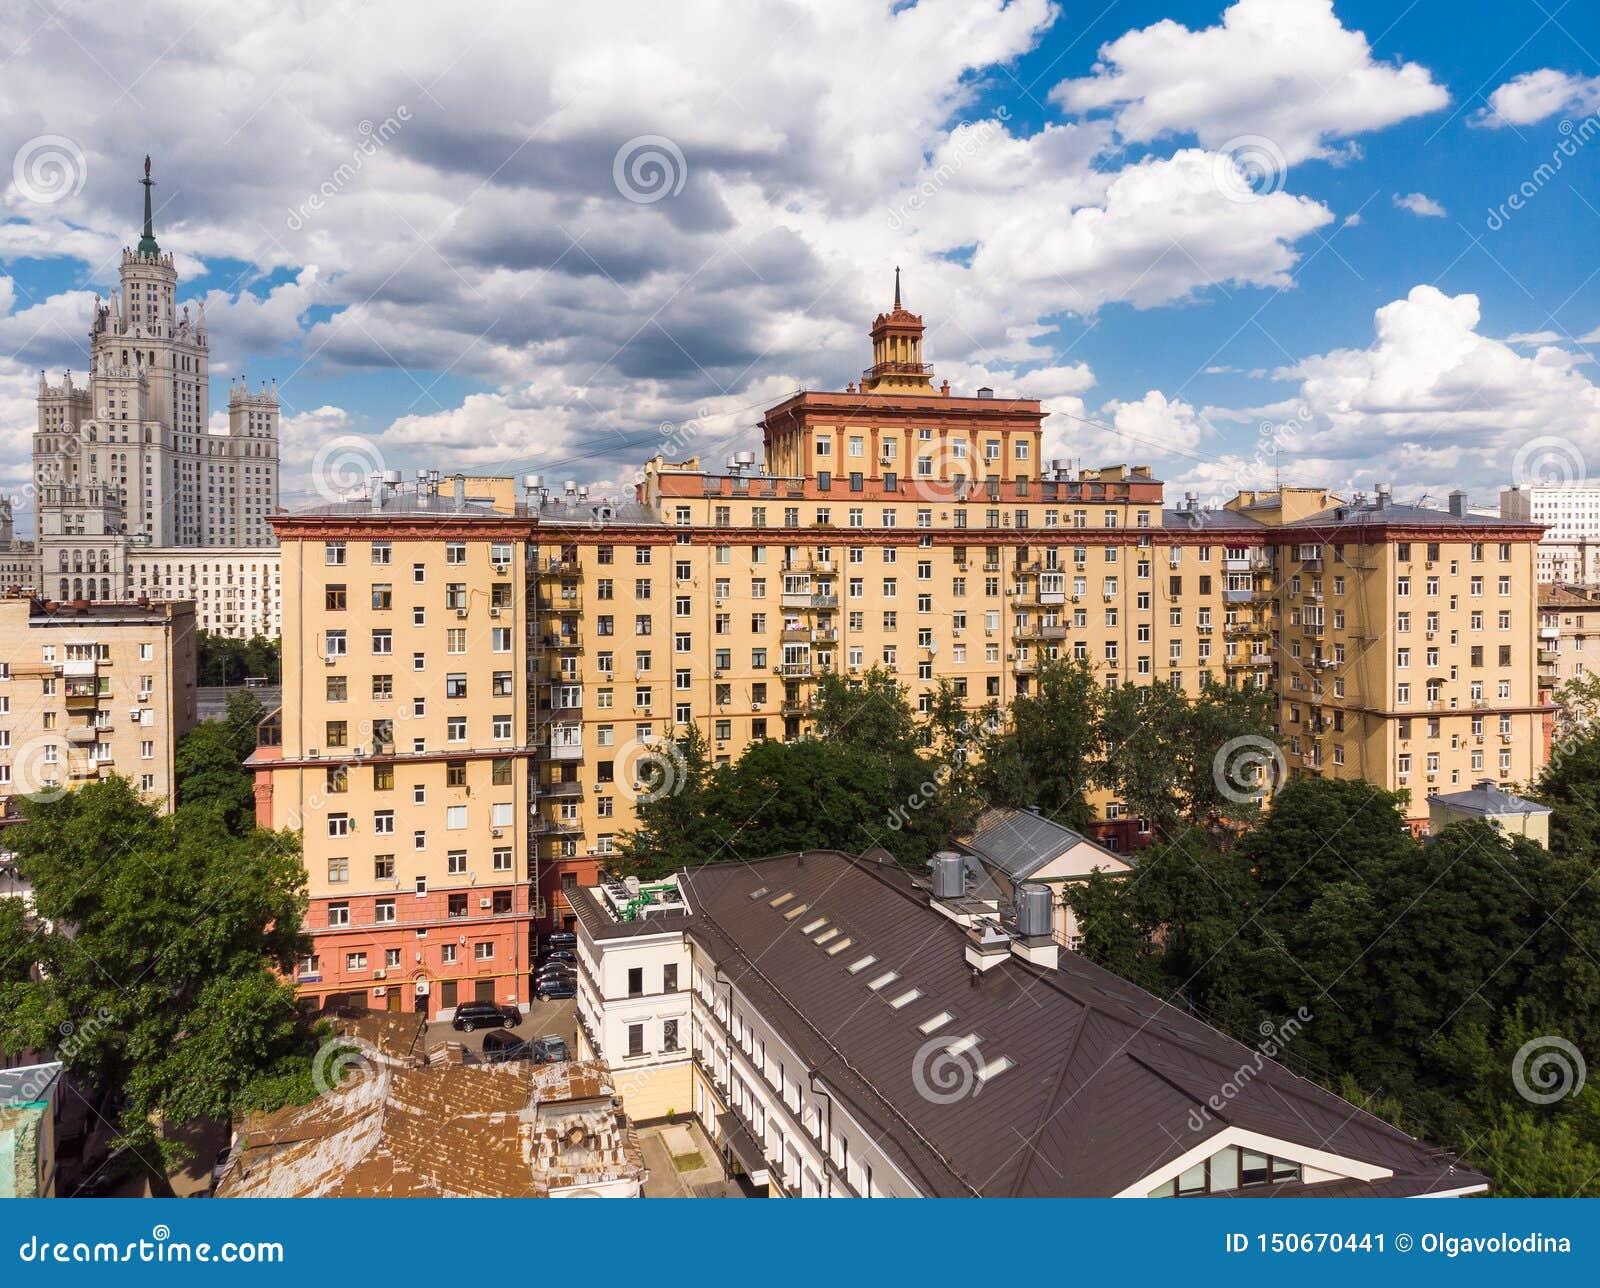 Τοπ άποψη των παλαιών σπιτιών στο κέντρο στη Μόσχα, Ρωσία